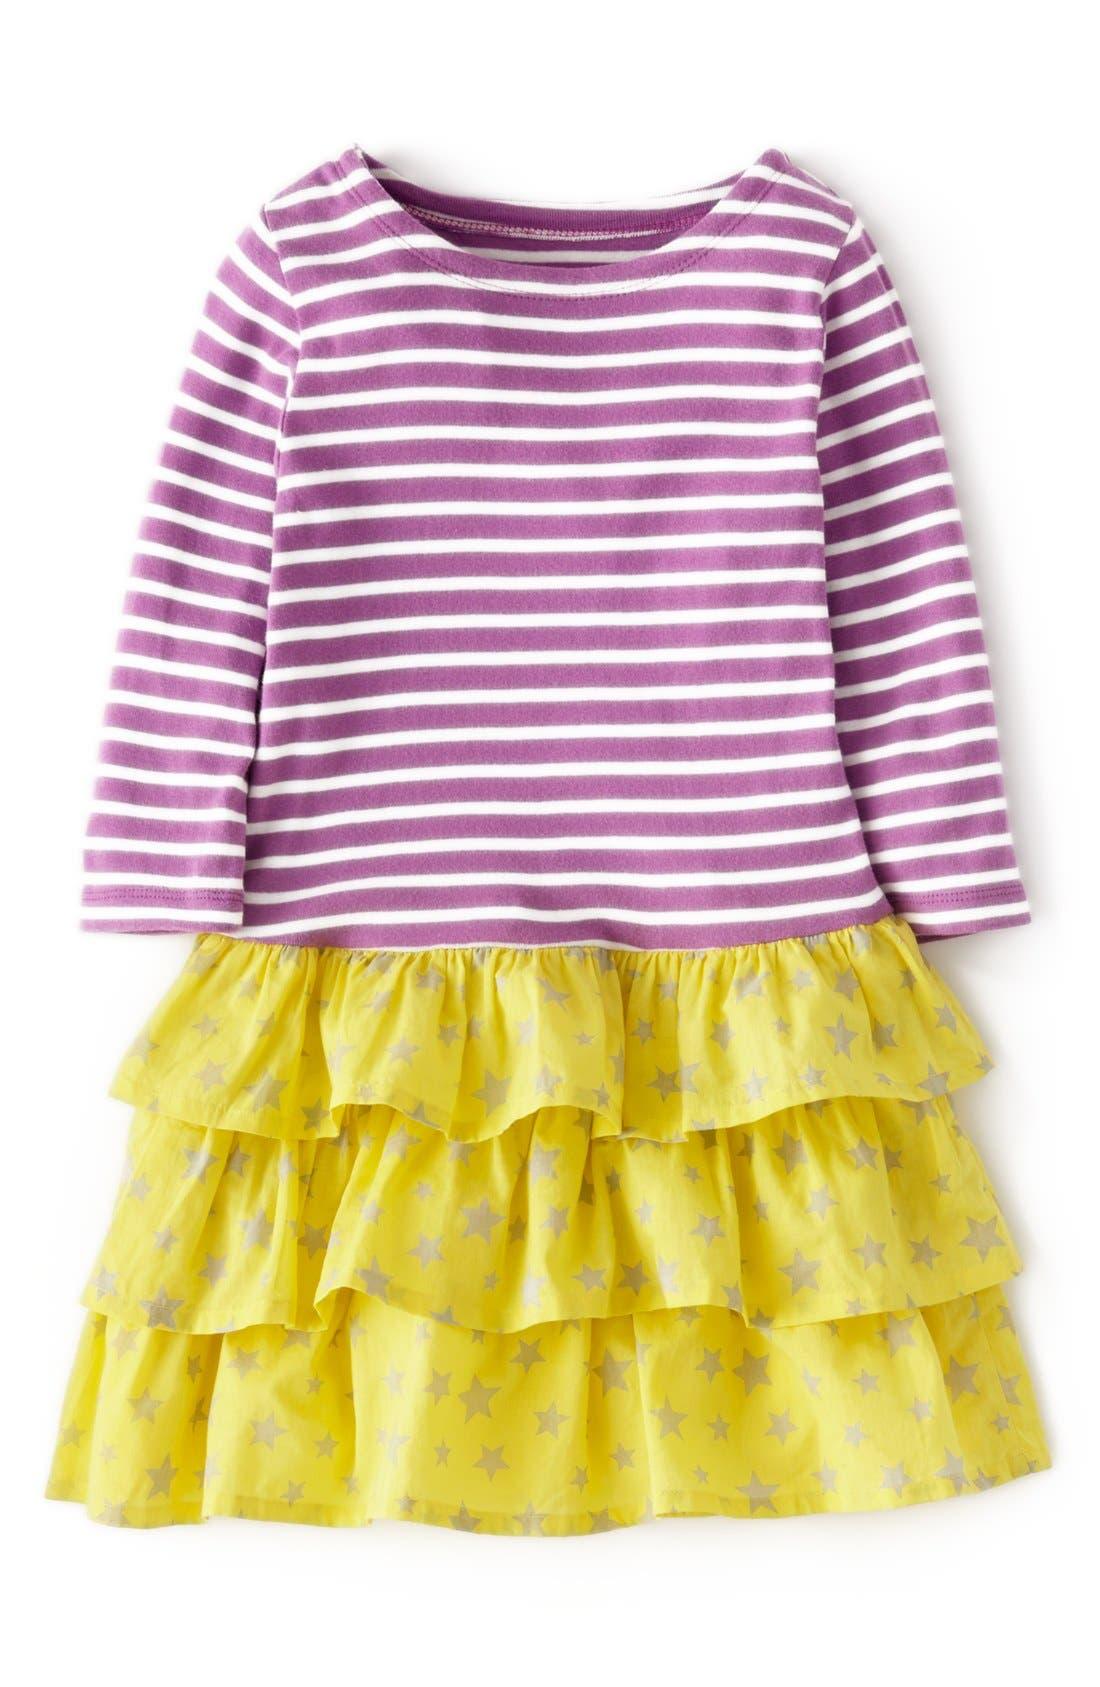 Alternate Image 1 Selected - Mini Boden Stripy Ruffle Dress (Toddler Girls, Little Girls & Big Girls)(Online Only)